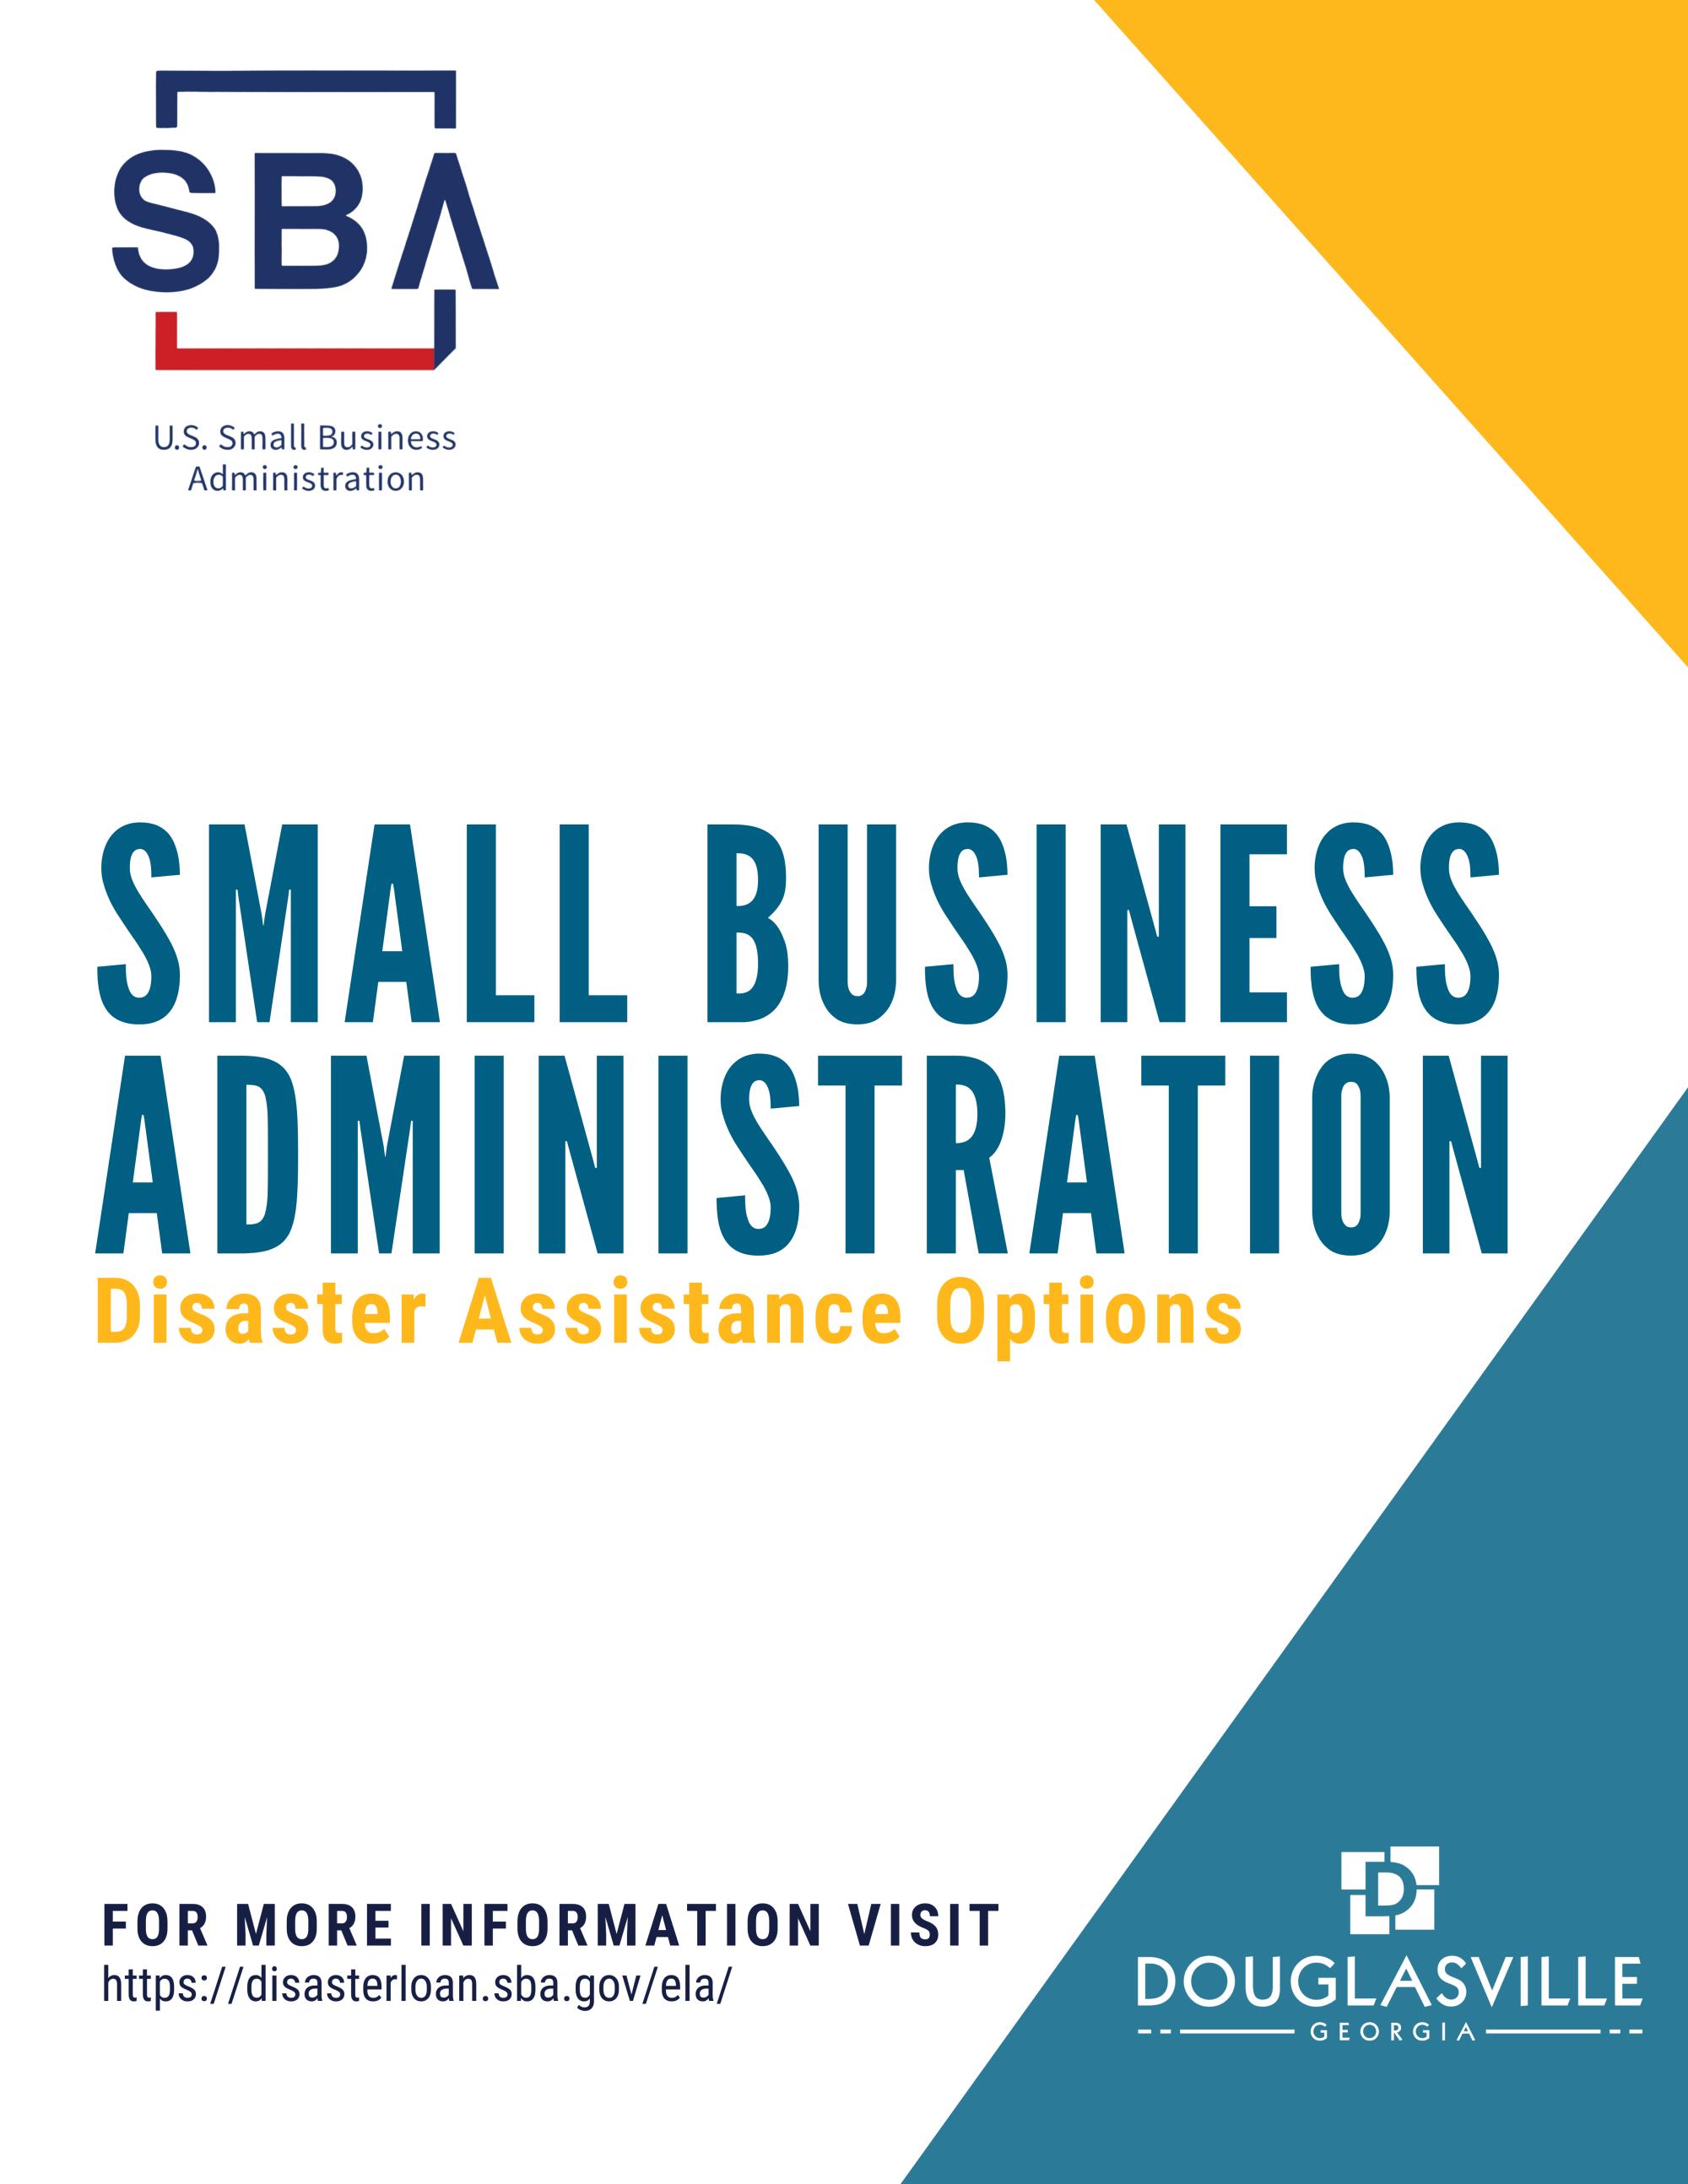 SBA Information